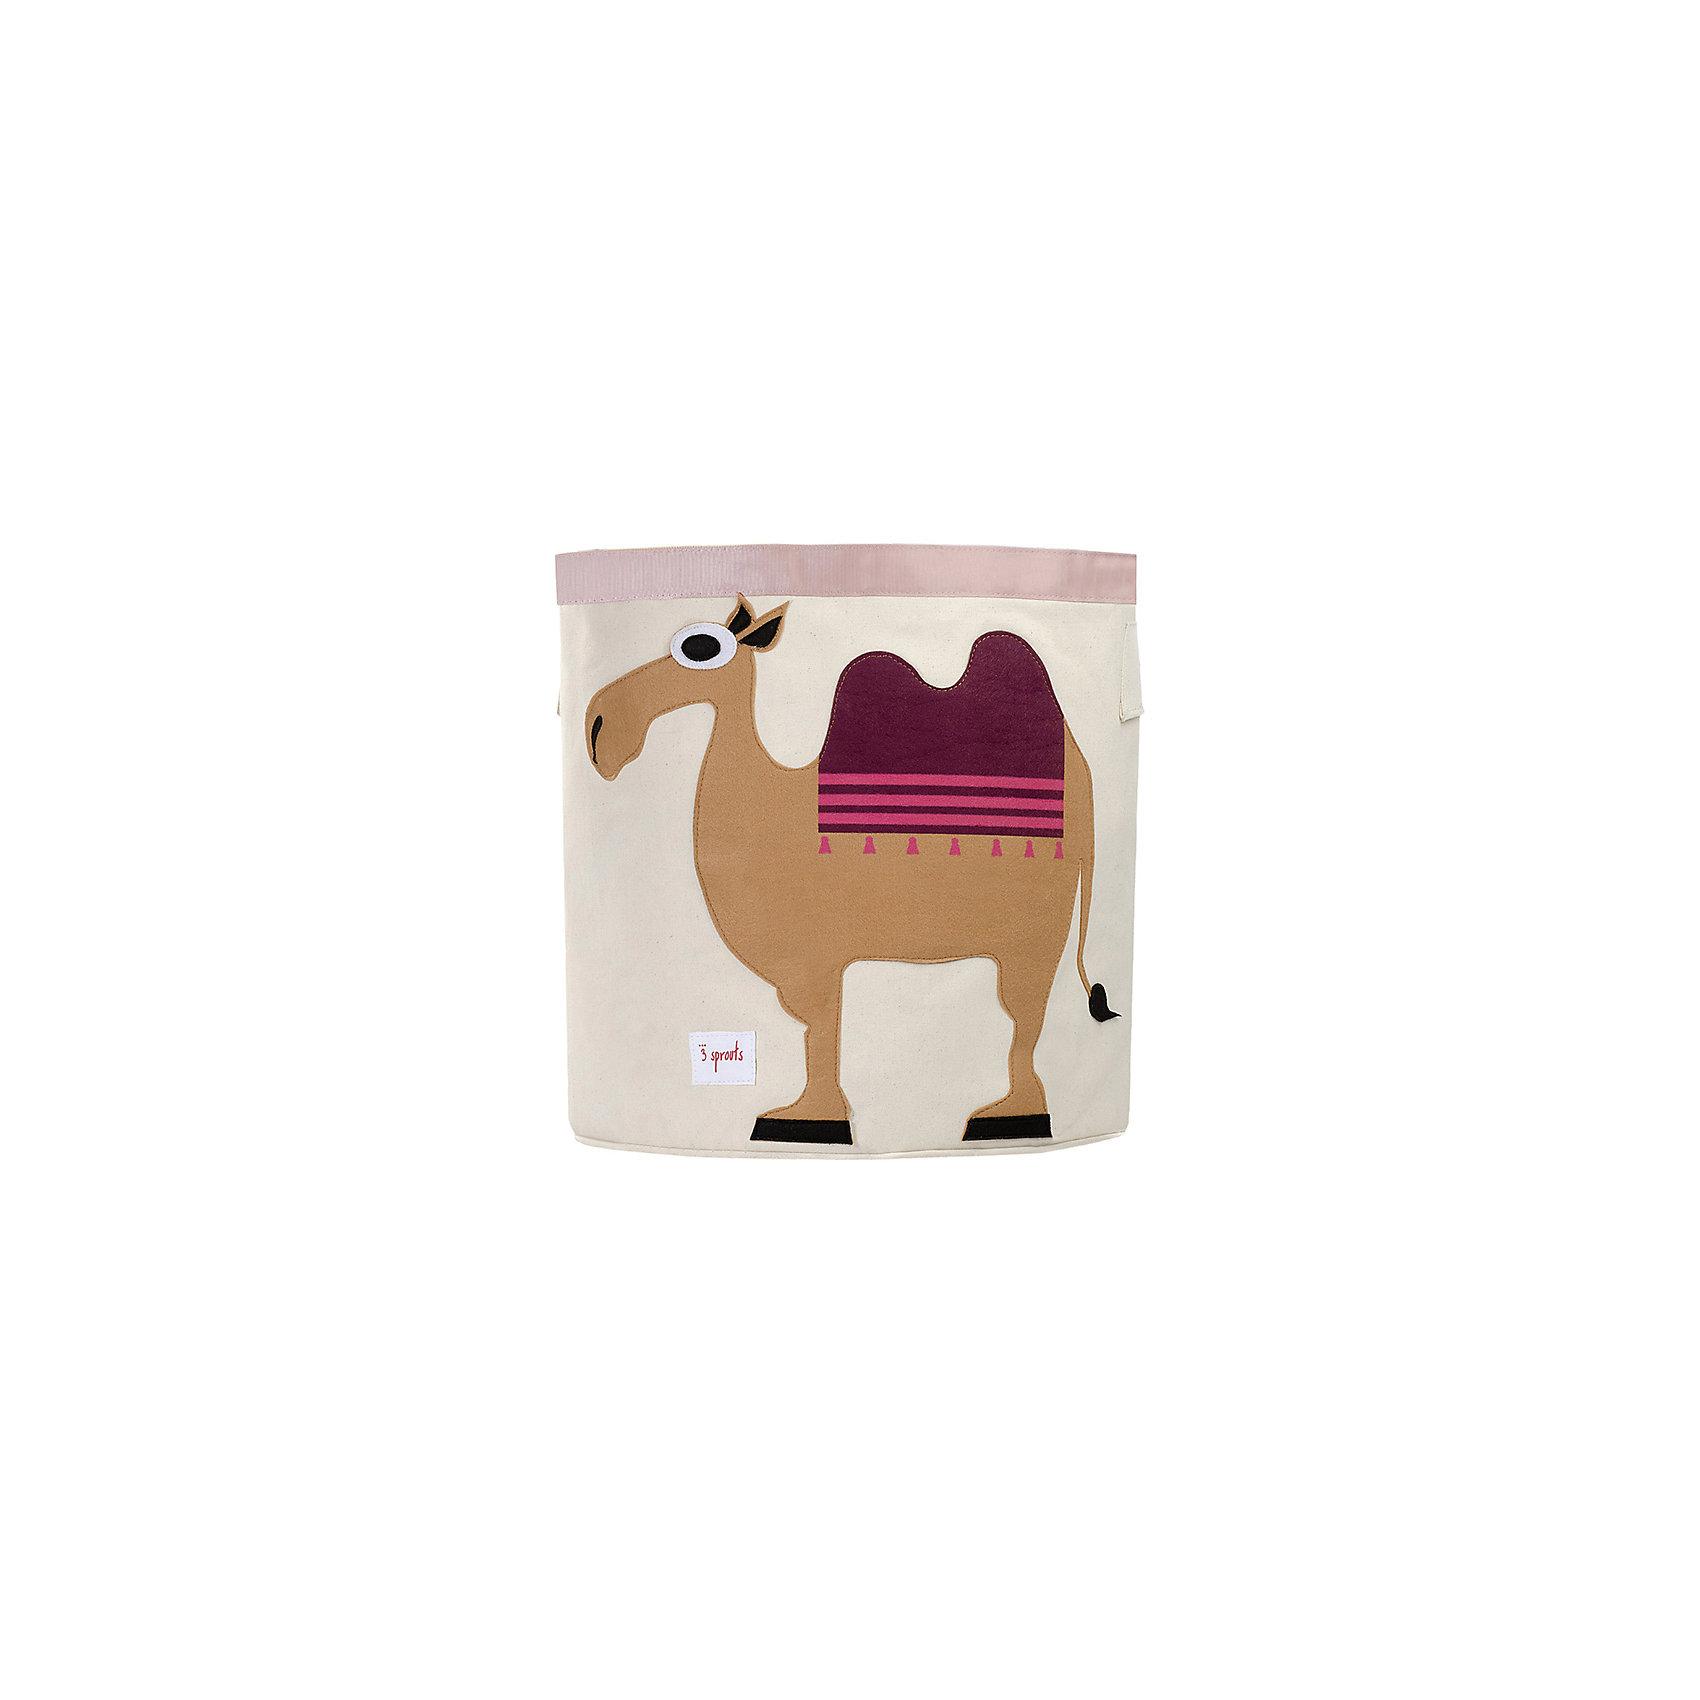 Корзина для хранения Верблюд (Sand Camel), 3 SproutsПорядок в детской<br>Такие милые корзины помогут Вам навести порядок в детской. Размер корзины позволяет хранить в ней игрушки или белье.  <br><br>Дополнительная информация:<br><br>- Размер полотенца: 44.5х43 см.<br>- Материал: <br>100% хлопковый брезент.<br>100% полиэстровая фетровая аппликация.<br>100% полиэтиленовое покрытие (внутри).<br><br>Купить корзину для хранения Верблюд (Sand Camel), можно в нашем магазине.<br><br>Ширина мм: 250<br>Глубина мм: 20<br>Высота мм: 450<br>Вес г: 526<br>Возраст от месяцев: 6<br>Возраст до месяцев: 84<br>Пол: Унисекс<br>Возраст: Детский<br>SKU: 5098213